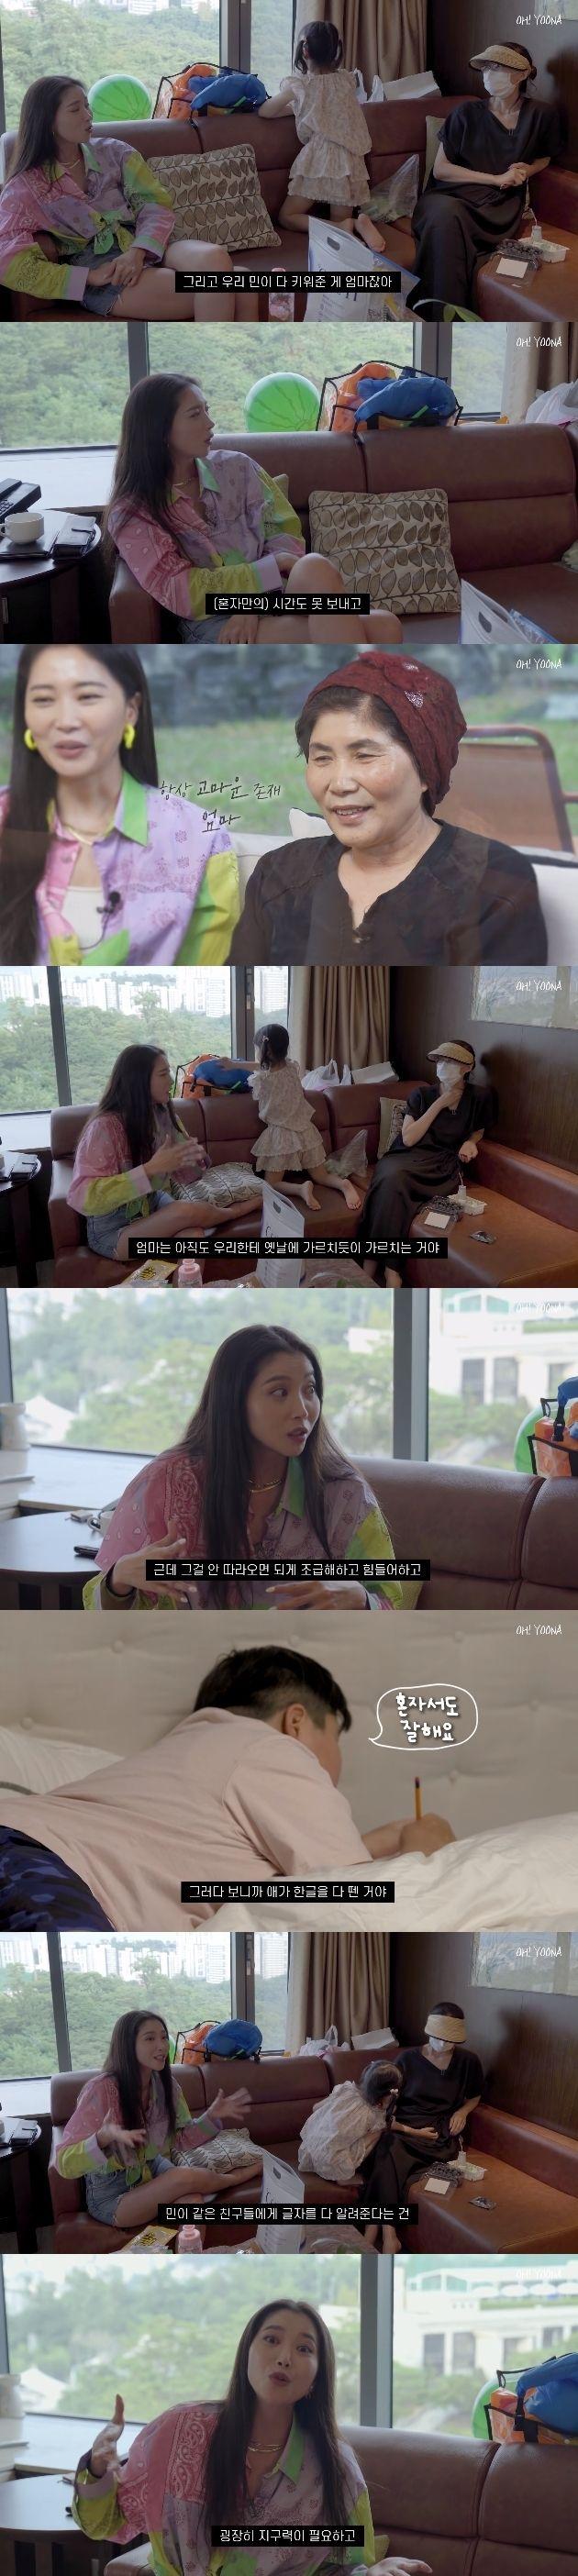 유튜브 채널 'Oh! 윤아TV'